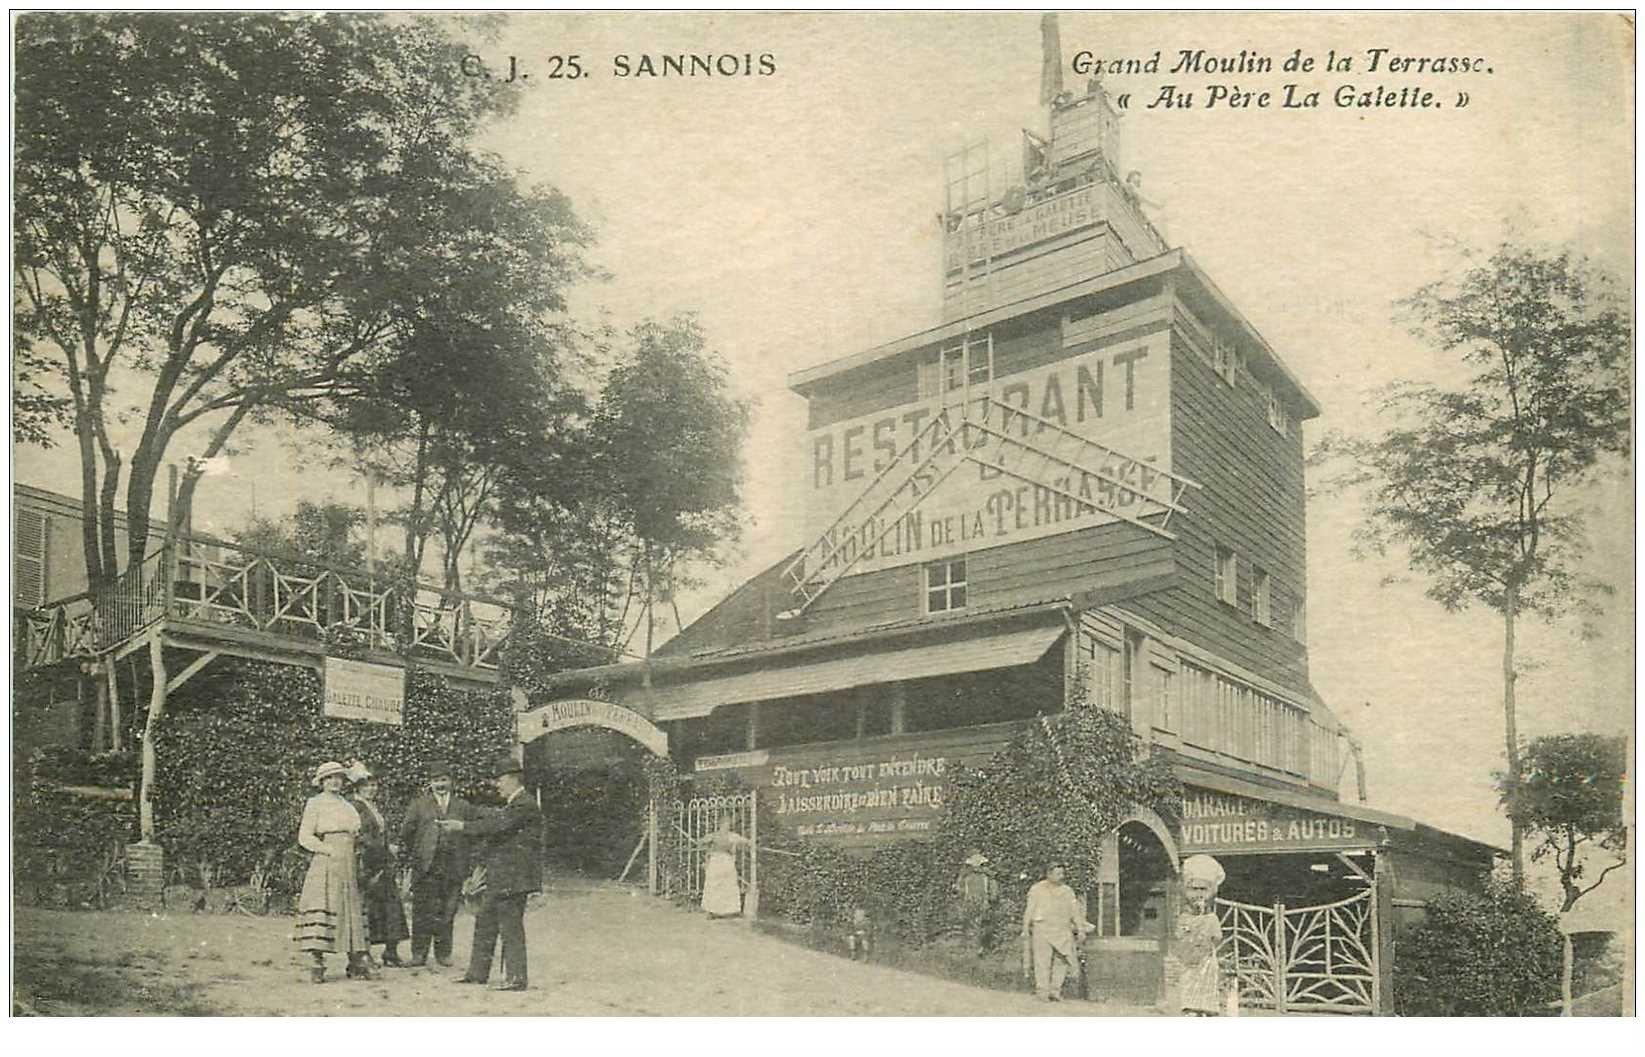 carte postale ancienne K. 95 SANNOIS. Grand Moulin de la Terrasse Au Père La Galette